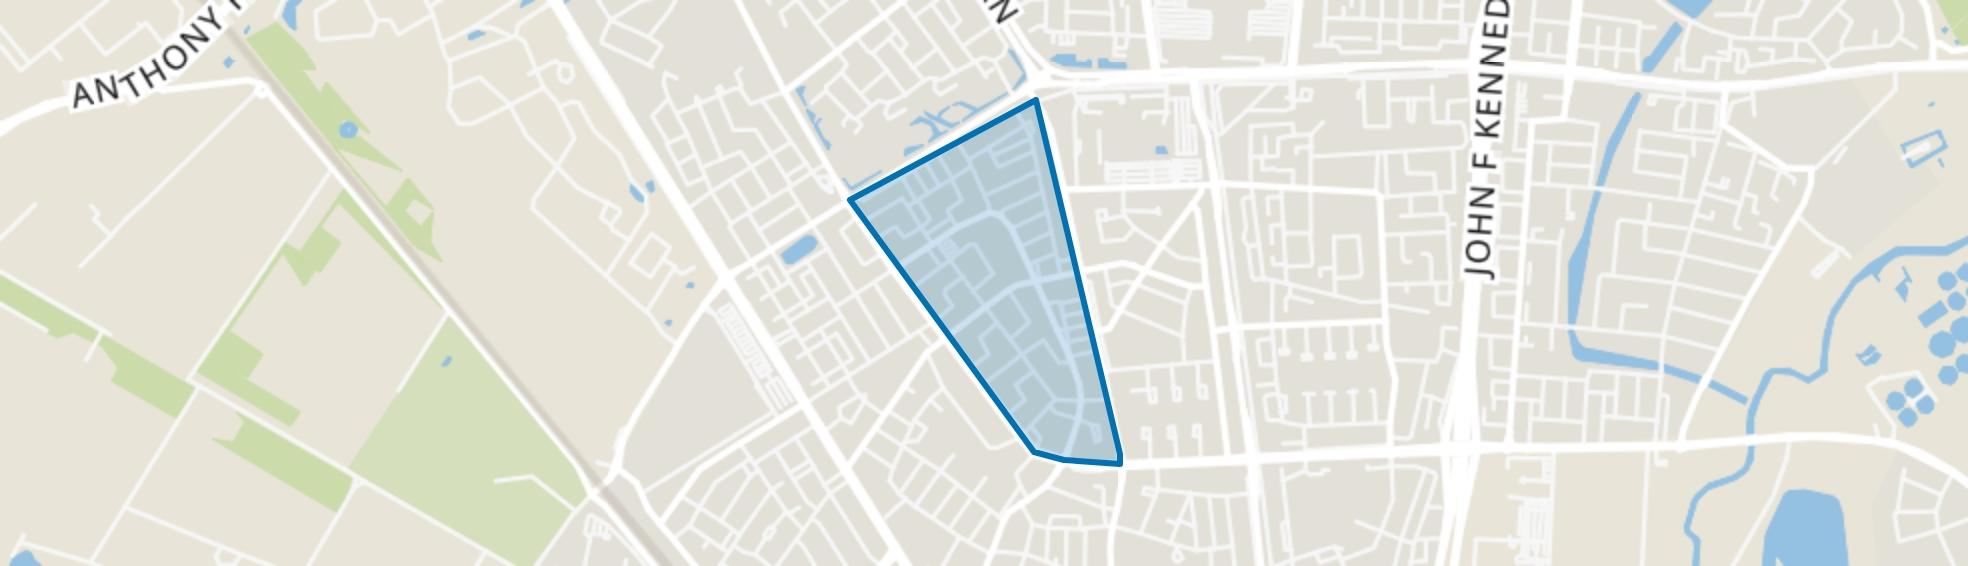 Mensfort, Eindhoven map